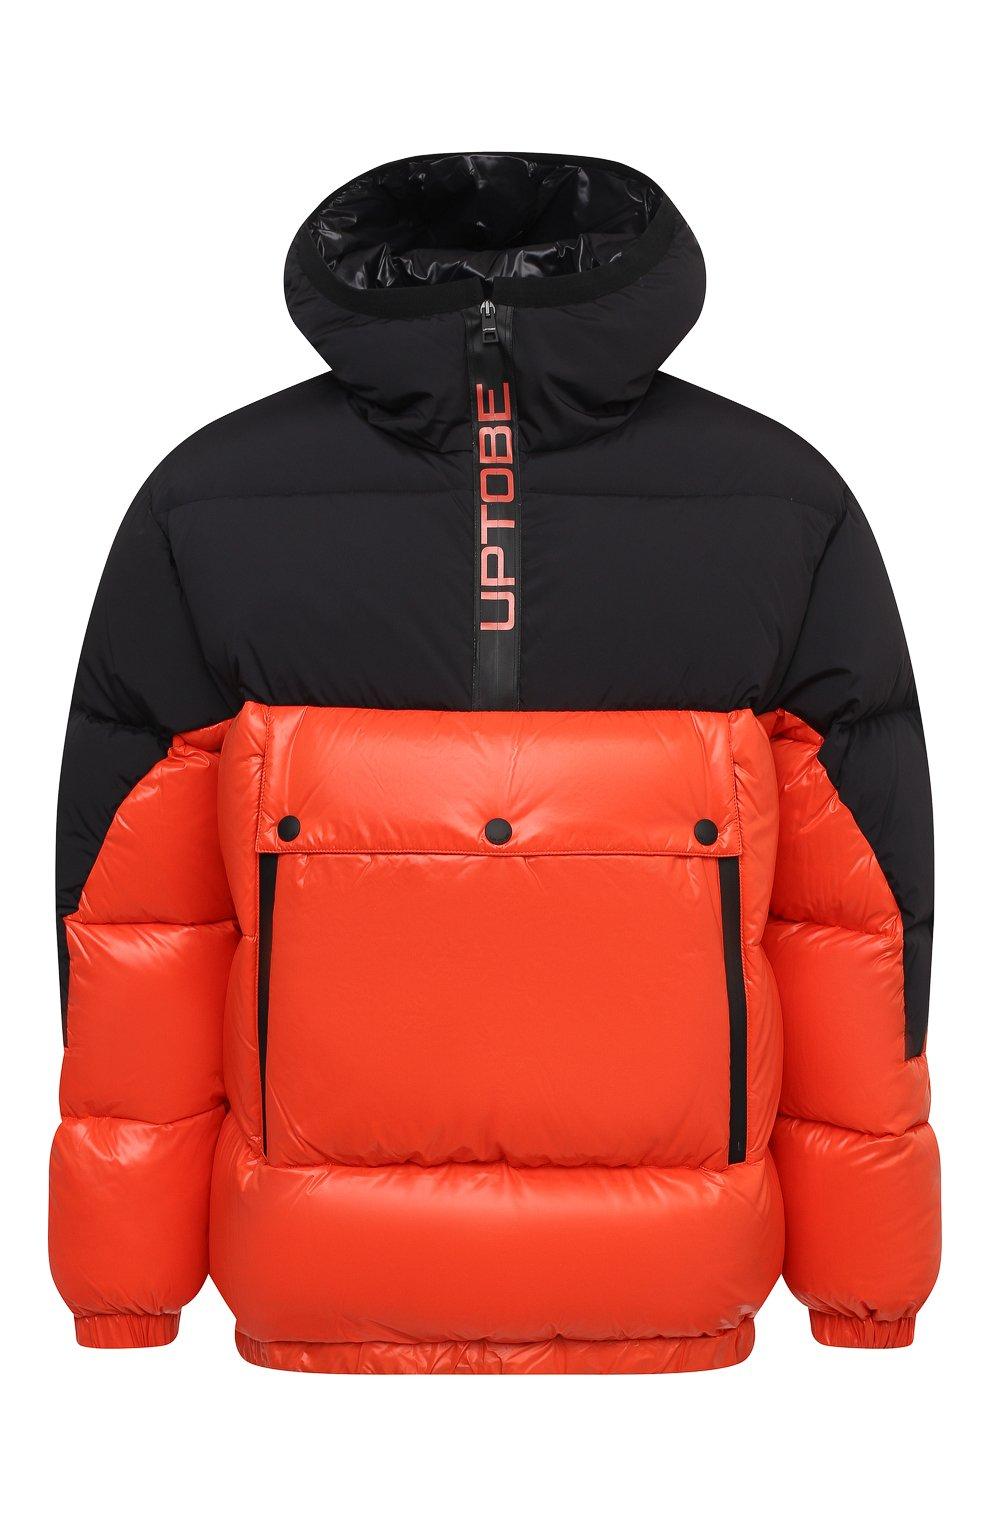 Мужская пуховая куртка UPTOBE красного цвета, арт. UPW0/BALTIM0RA   Фото 1 (Кросс-КТ: Куртка, Пуховик; Мужское Кросс-КТ: пуховик-короткий, Пуховик-верхняя одежда, Верхняя одежда; Рукава: Длинные; Материал внешний: Синтетический материал; Стили: Гранж; Материал подклада: Синтетический материал; Длина (верхняя одежда): Короткие; Материал утеплителя: Пух и перо)